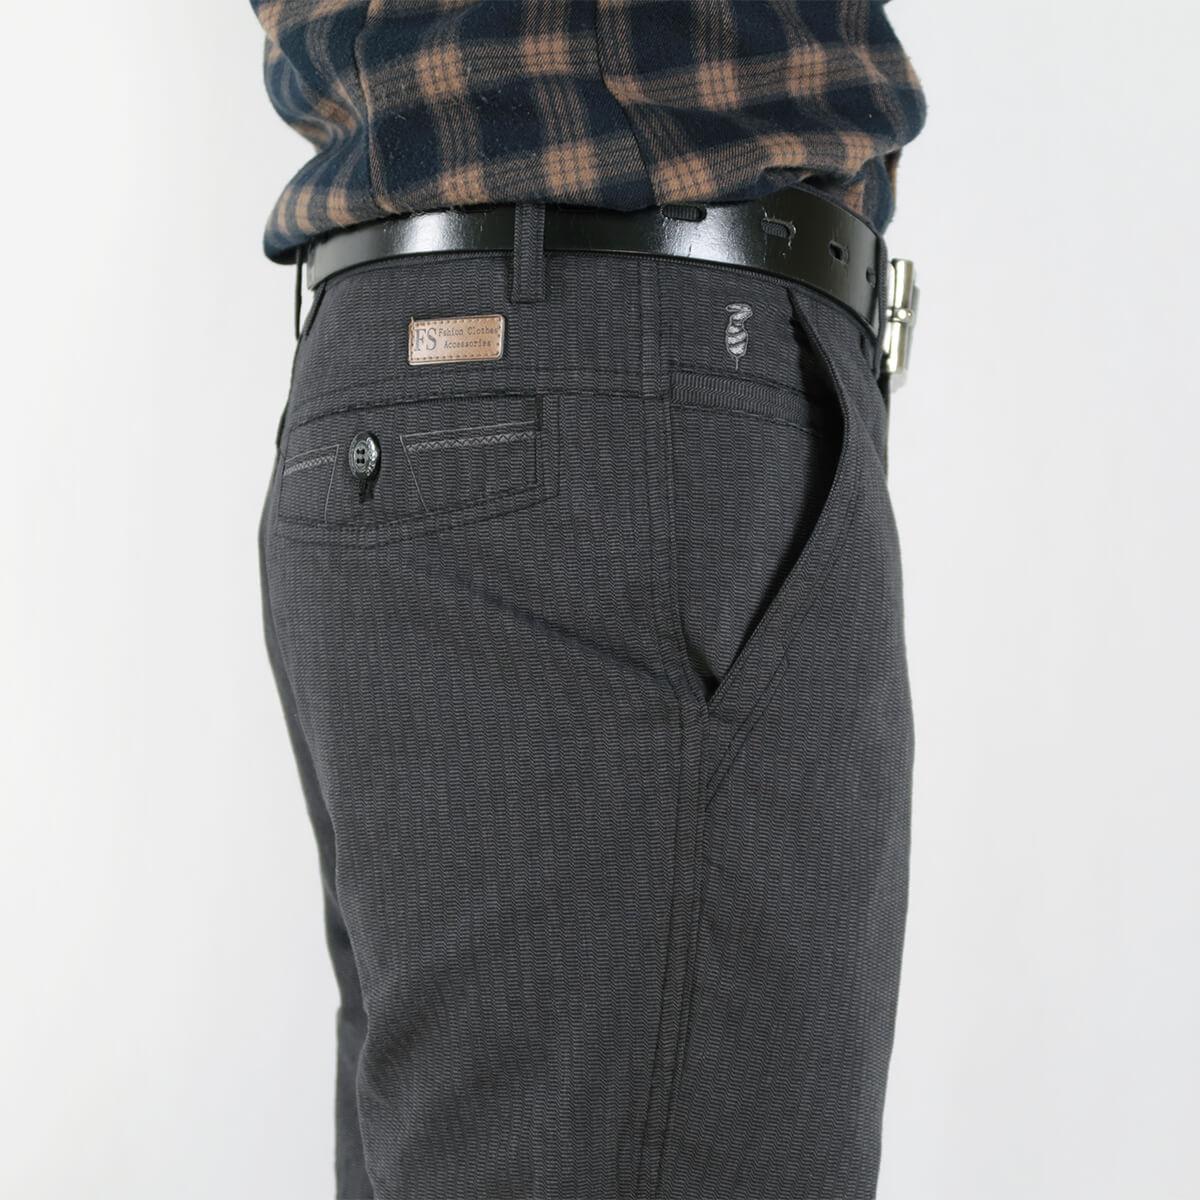 加大尺碼精梳棉平面休閒長褲 顯瘦長褲 彈性長褲 斜口袋條紋長褲 版型修飾腿型更顯修長 COMBED COTTON CASUAL PANTS FLAT FRONT STRAIGHT PANTS SLIM PANTS (321-1071-01)黑色 腰圍30~41(英吋) [實體店面保障] sun-e 8